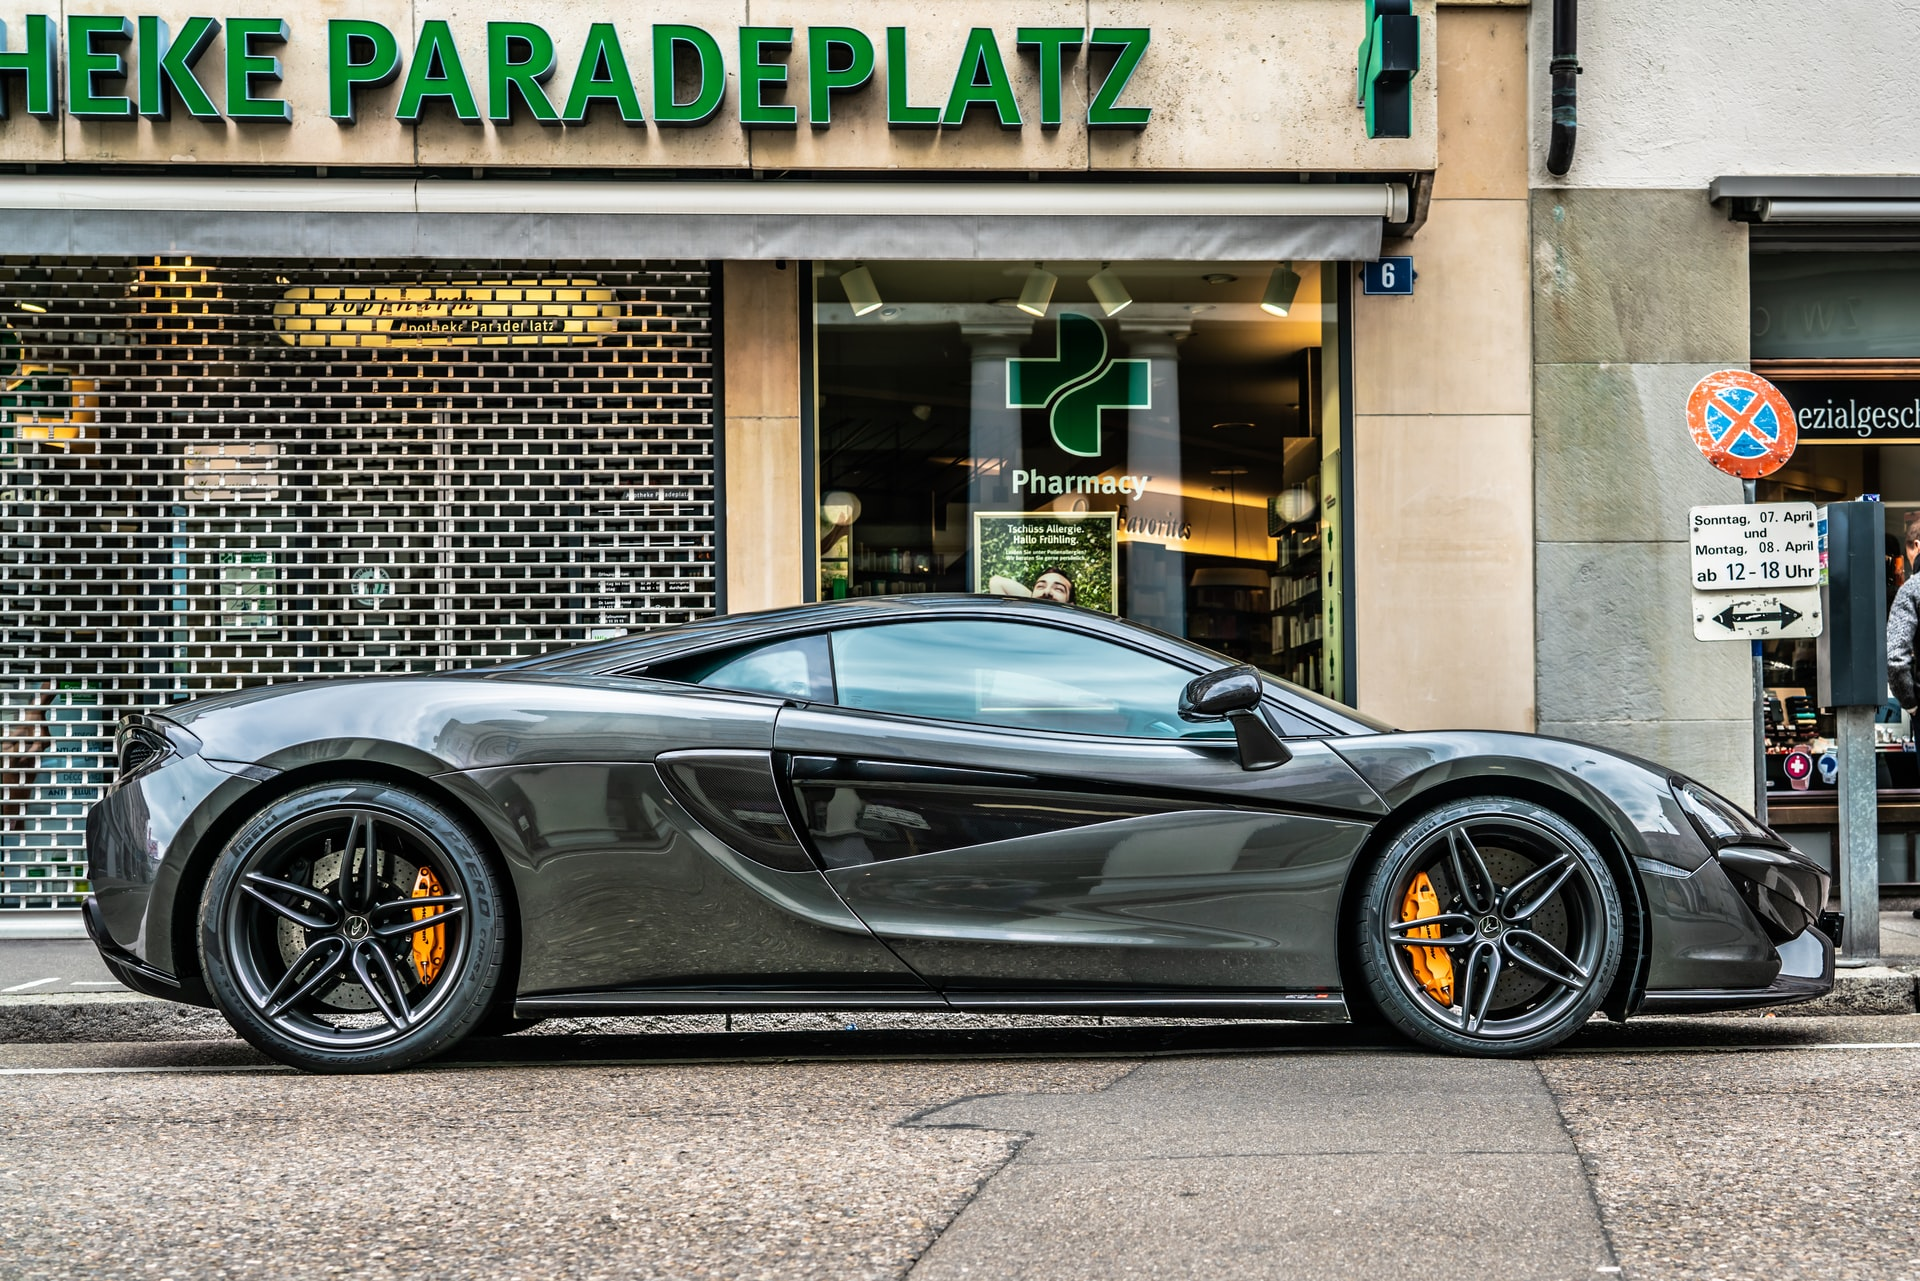 black-sportcar